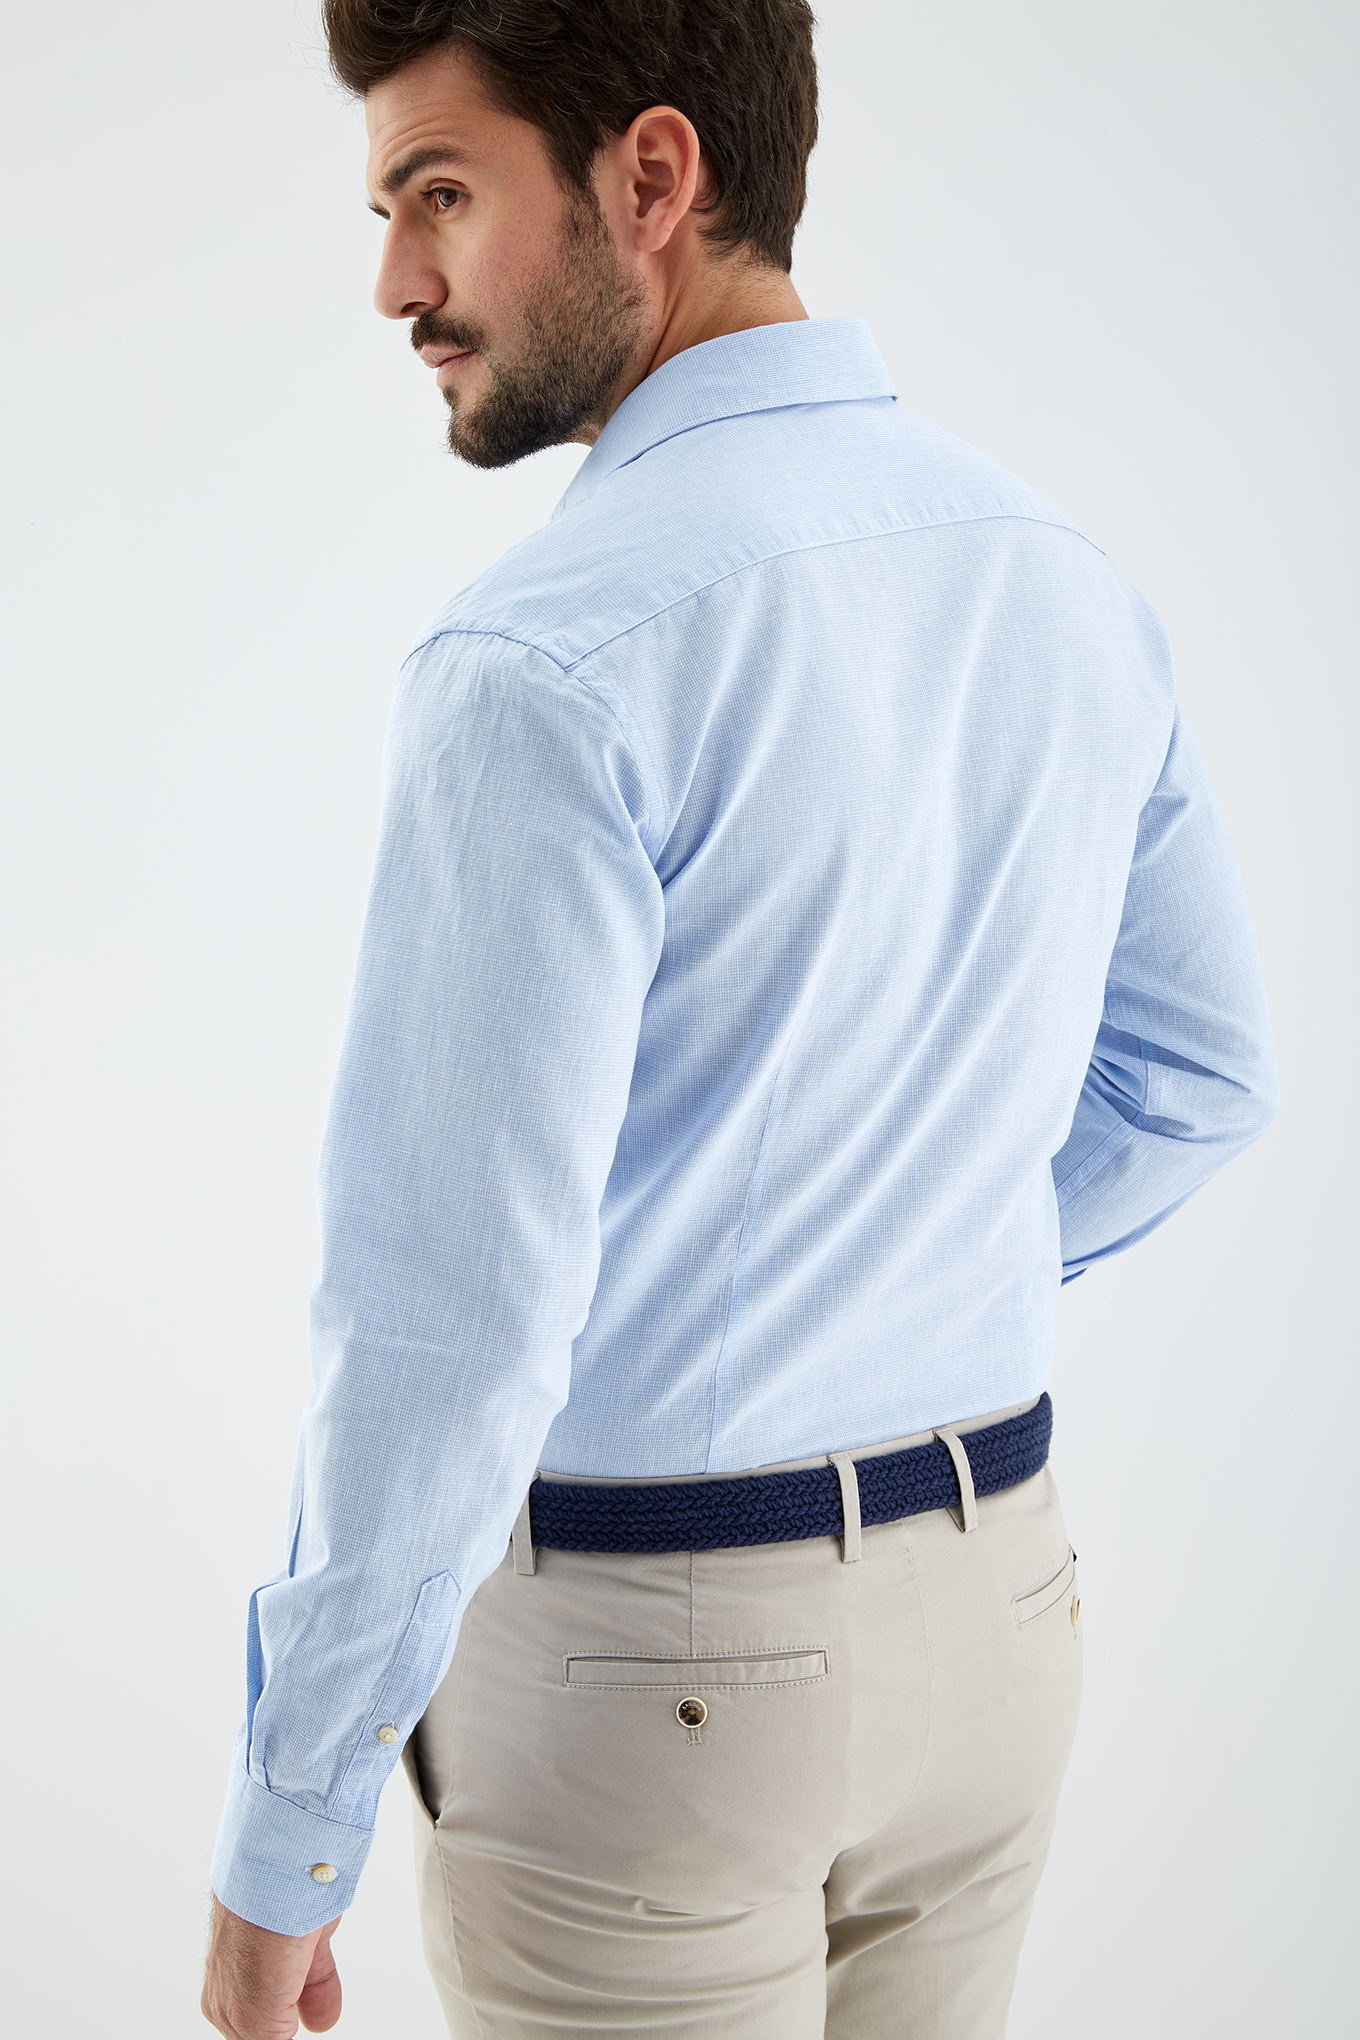 Shirt Light Blue Casual Man